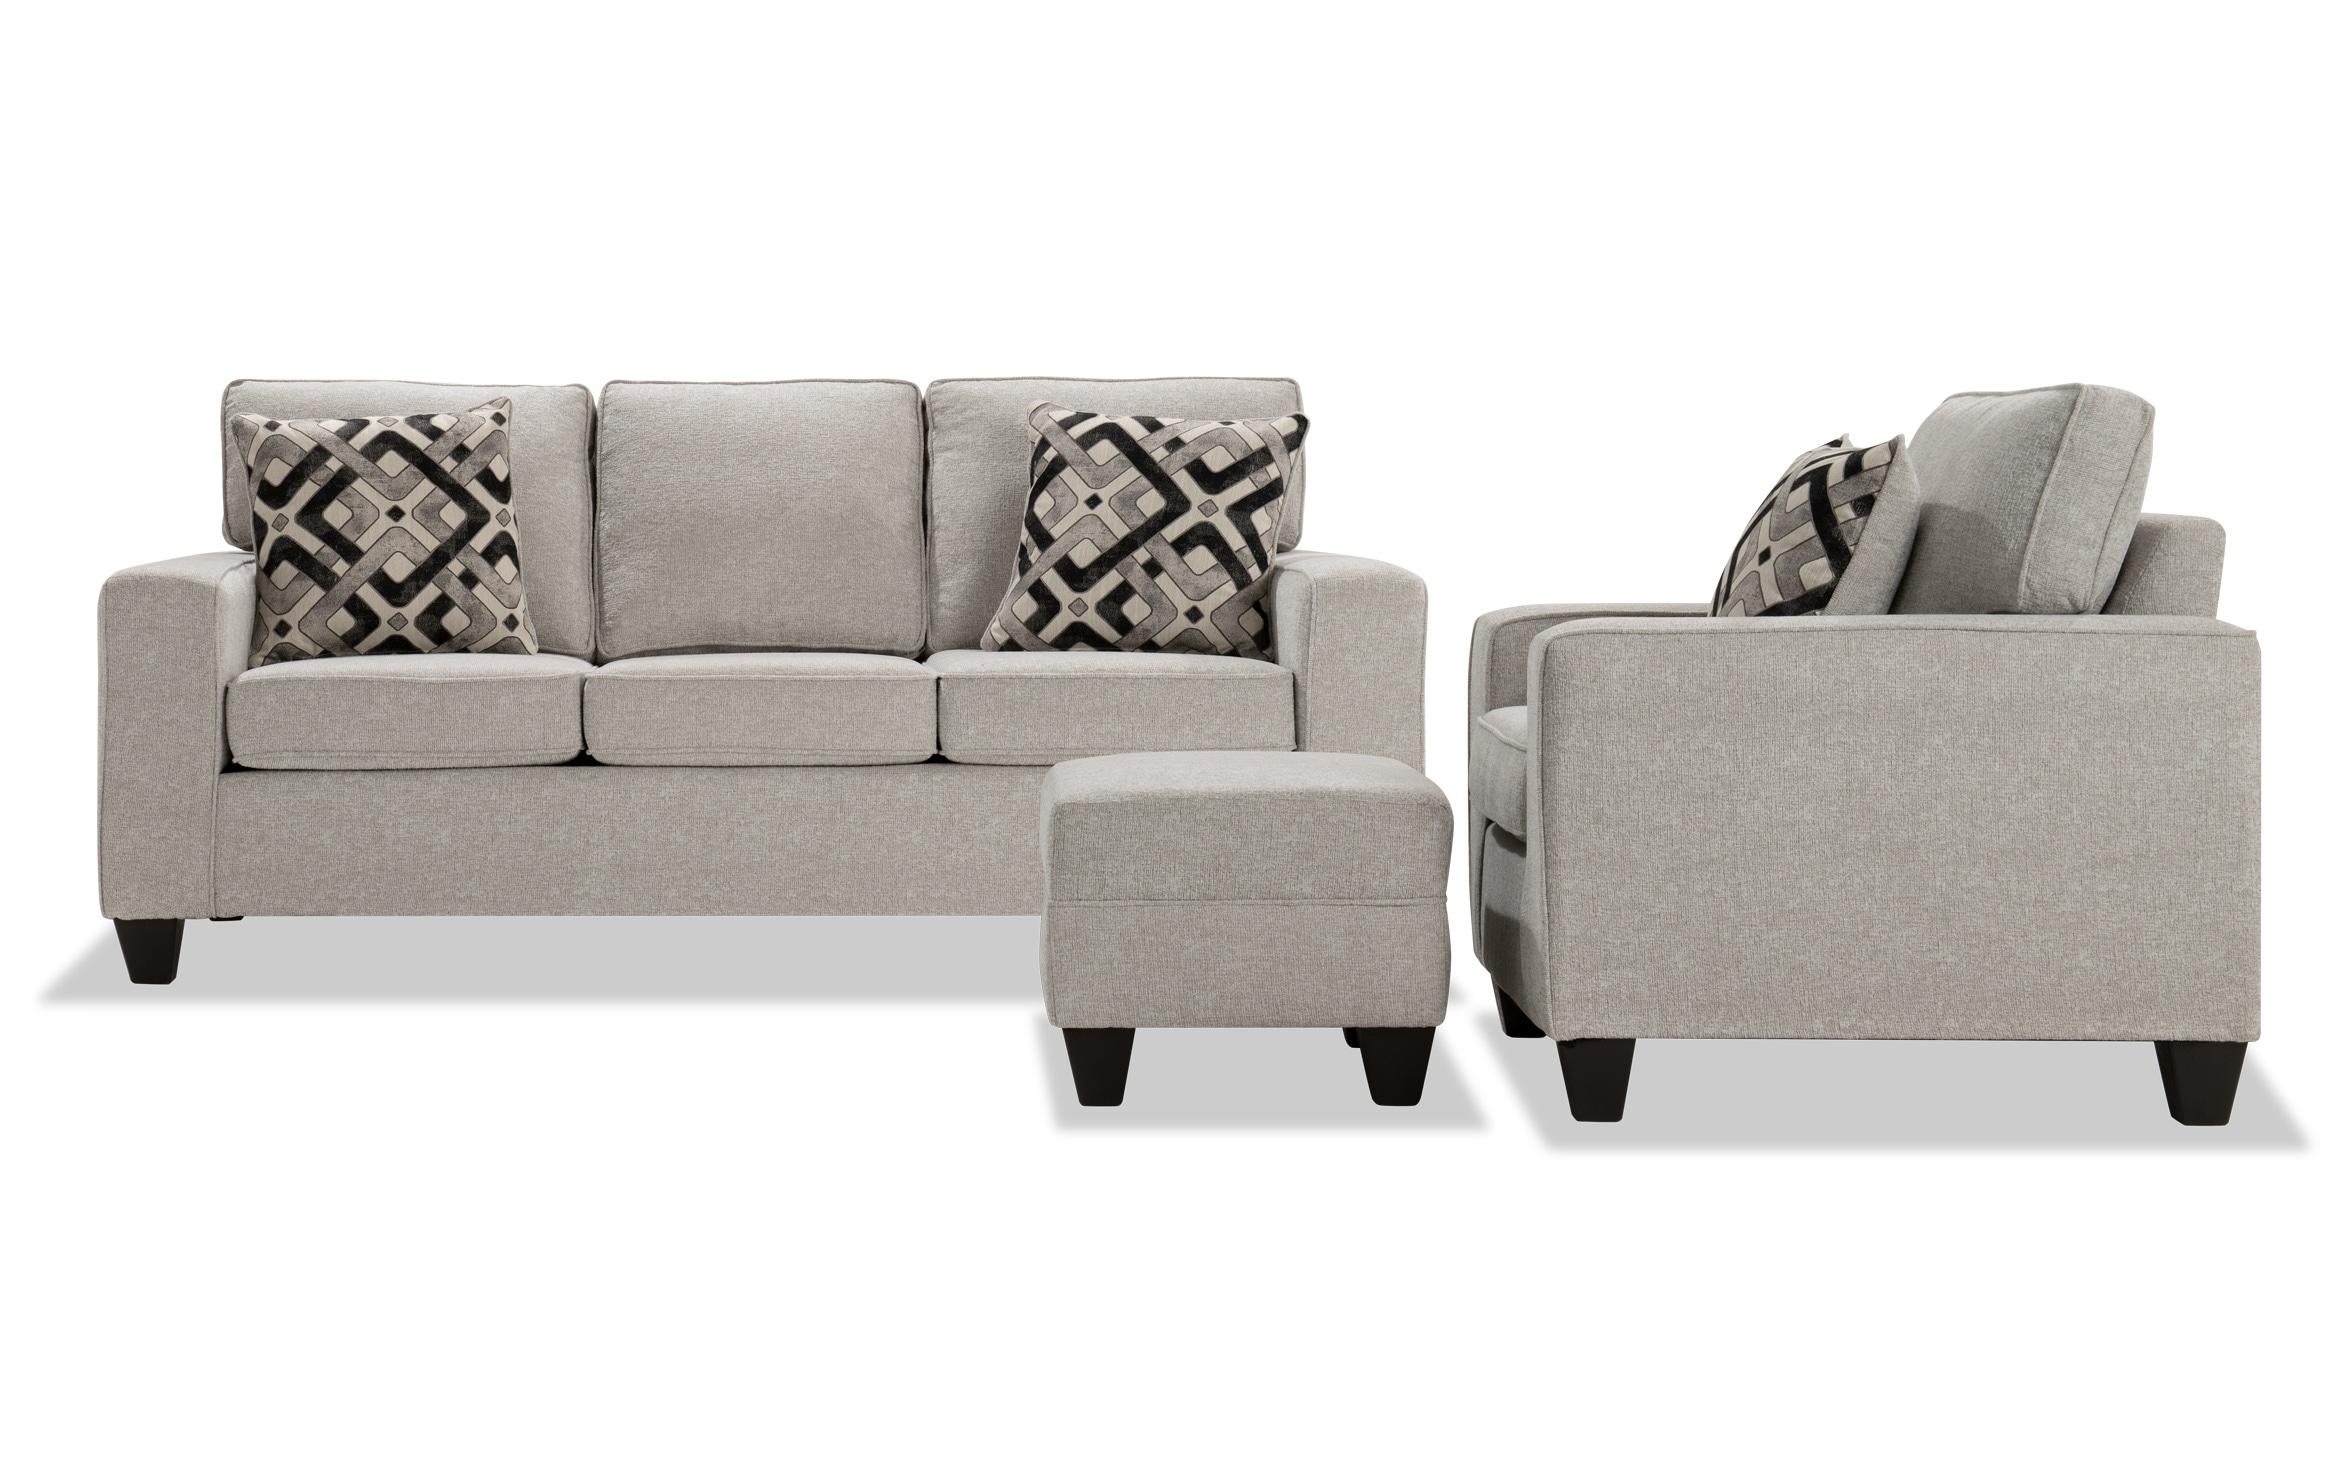 Bowie Beige Sofa Chair Ottoman